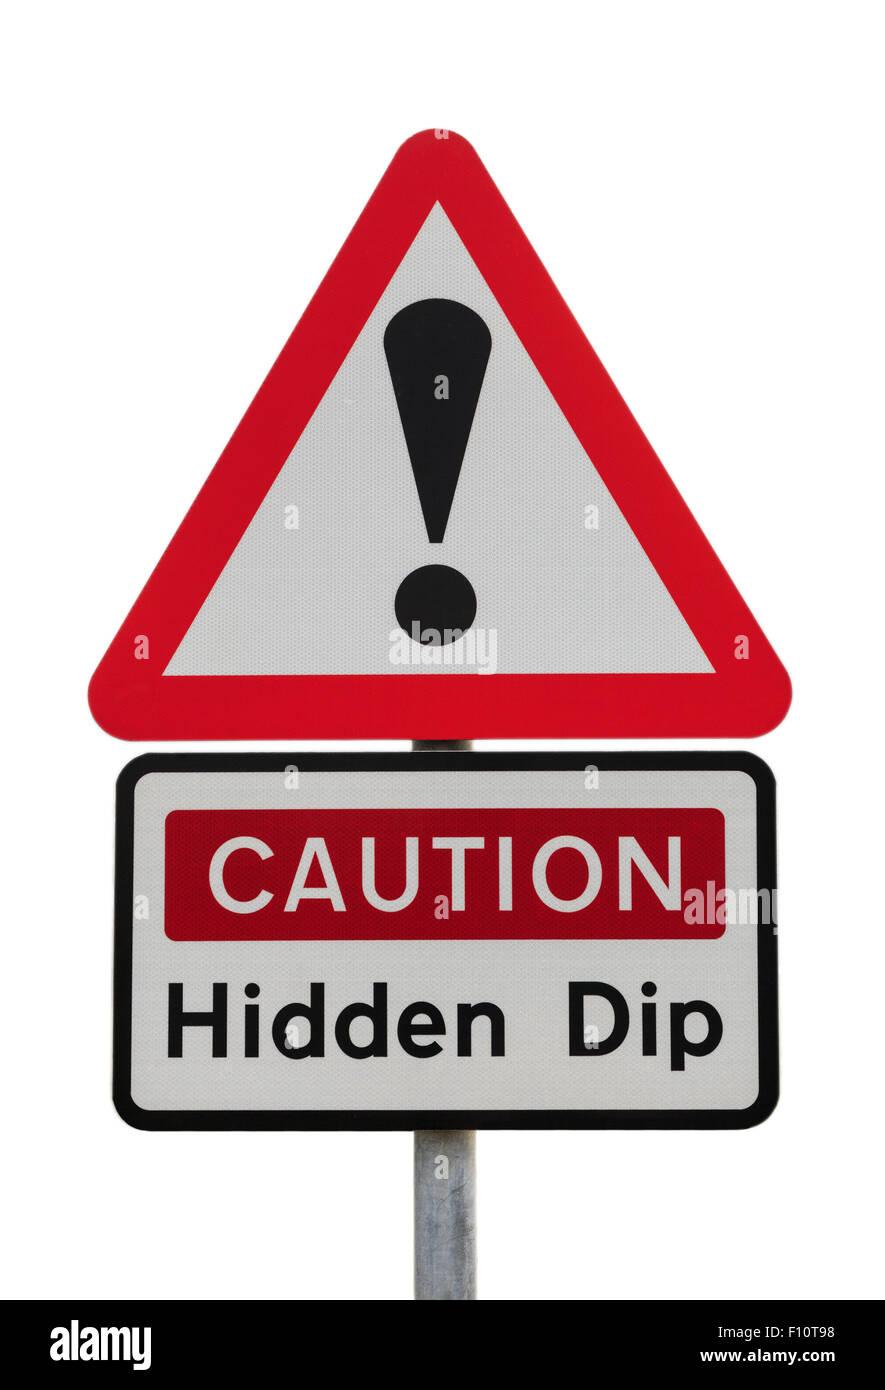 Dreieckige Schild Warnung Vorsicht versteckt Dip mit Ausrufezeichen um globale finanzielle Zukunftskonzept zu veranschaulichen. Stockbild